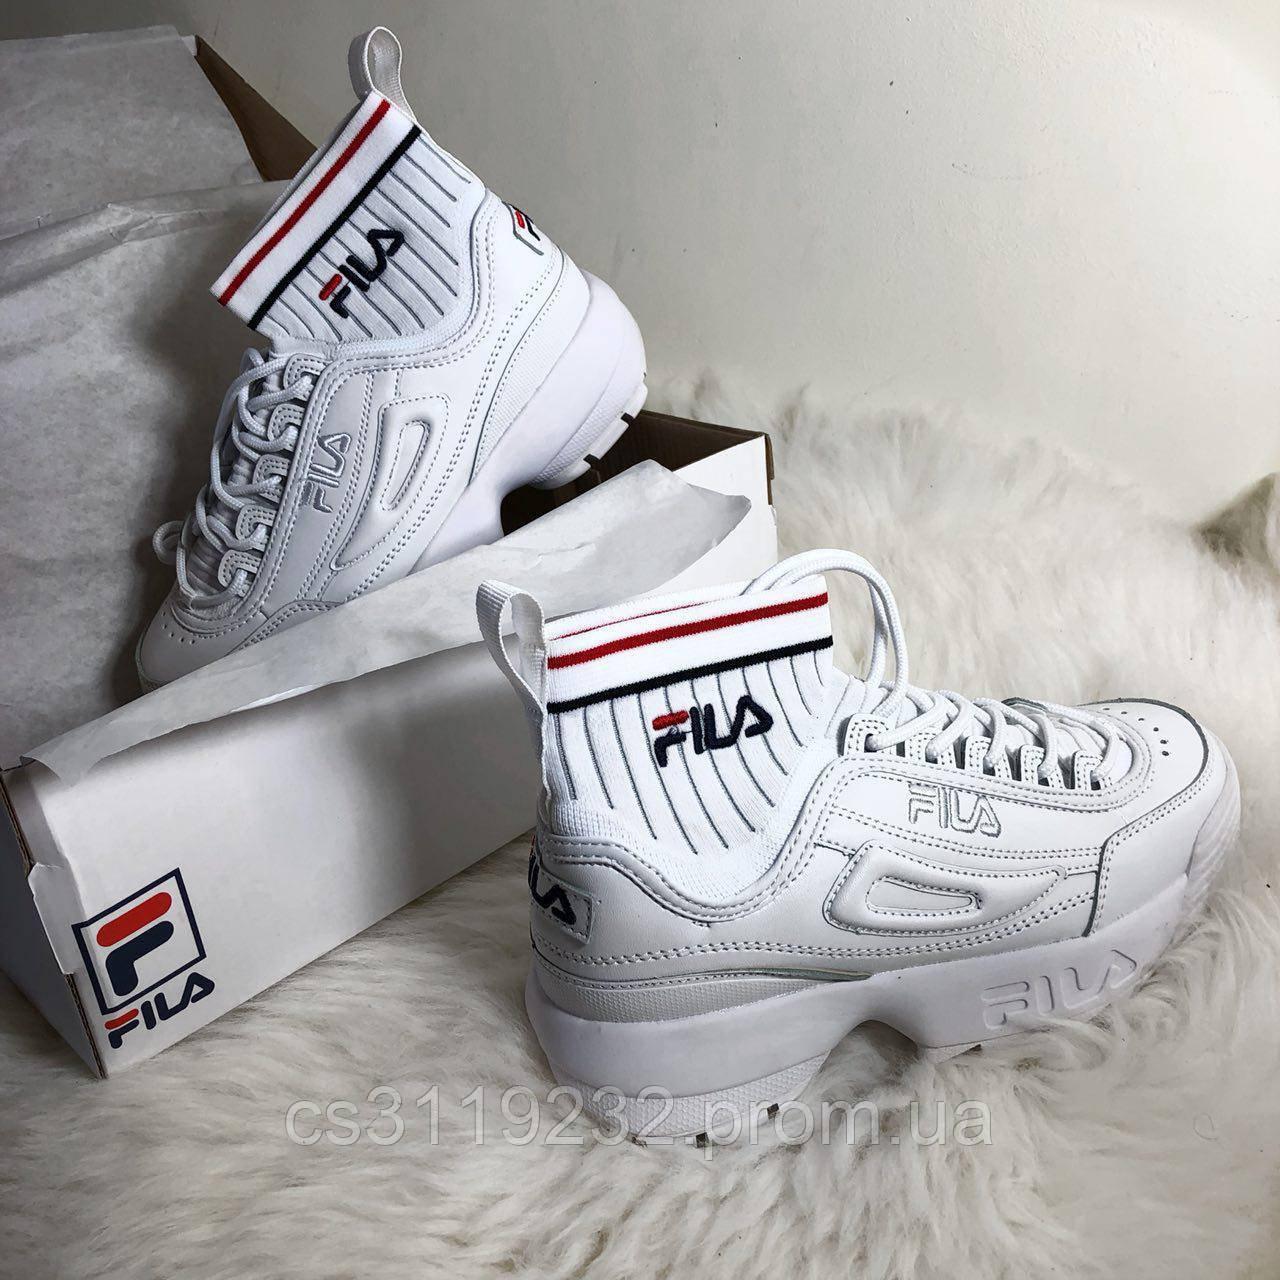 Жіночі кросівки Fila Disruptor 2 ECO Sockfit all white (білі)